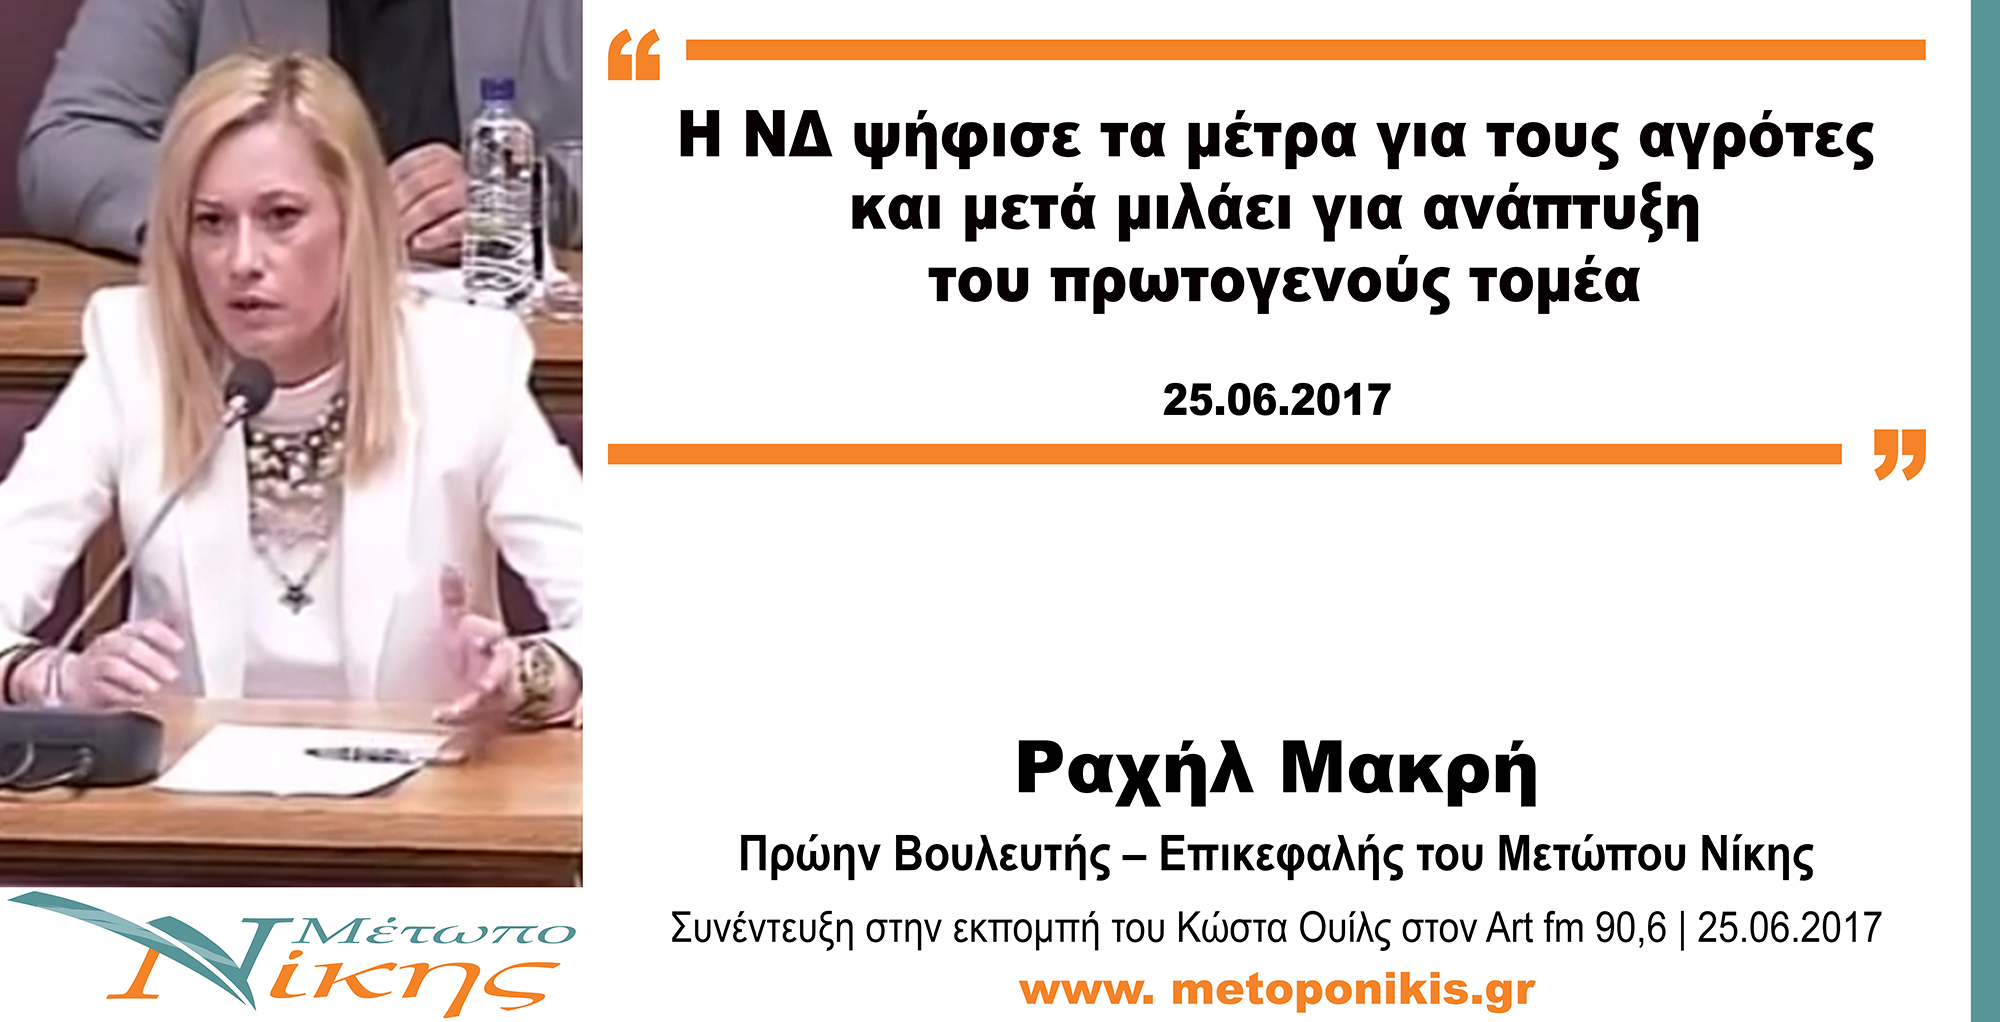 Ραχήλ Μακρή: «Η ΝΔ ψήφισε τα μέτρα για τους αγρότες και μετά μιλάει για ανάπτυξη του πρωτογενούς τομέα» | 25.06.2017